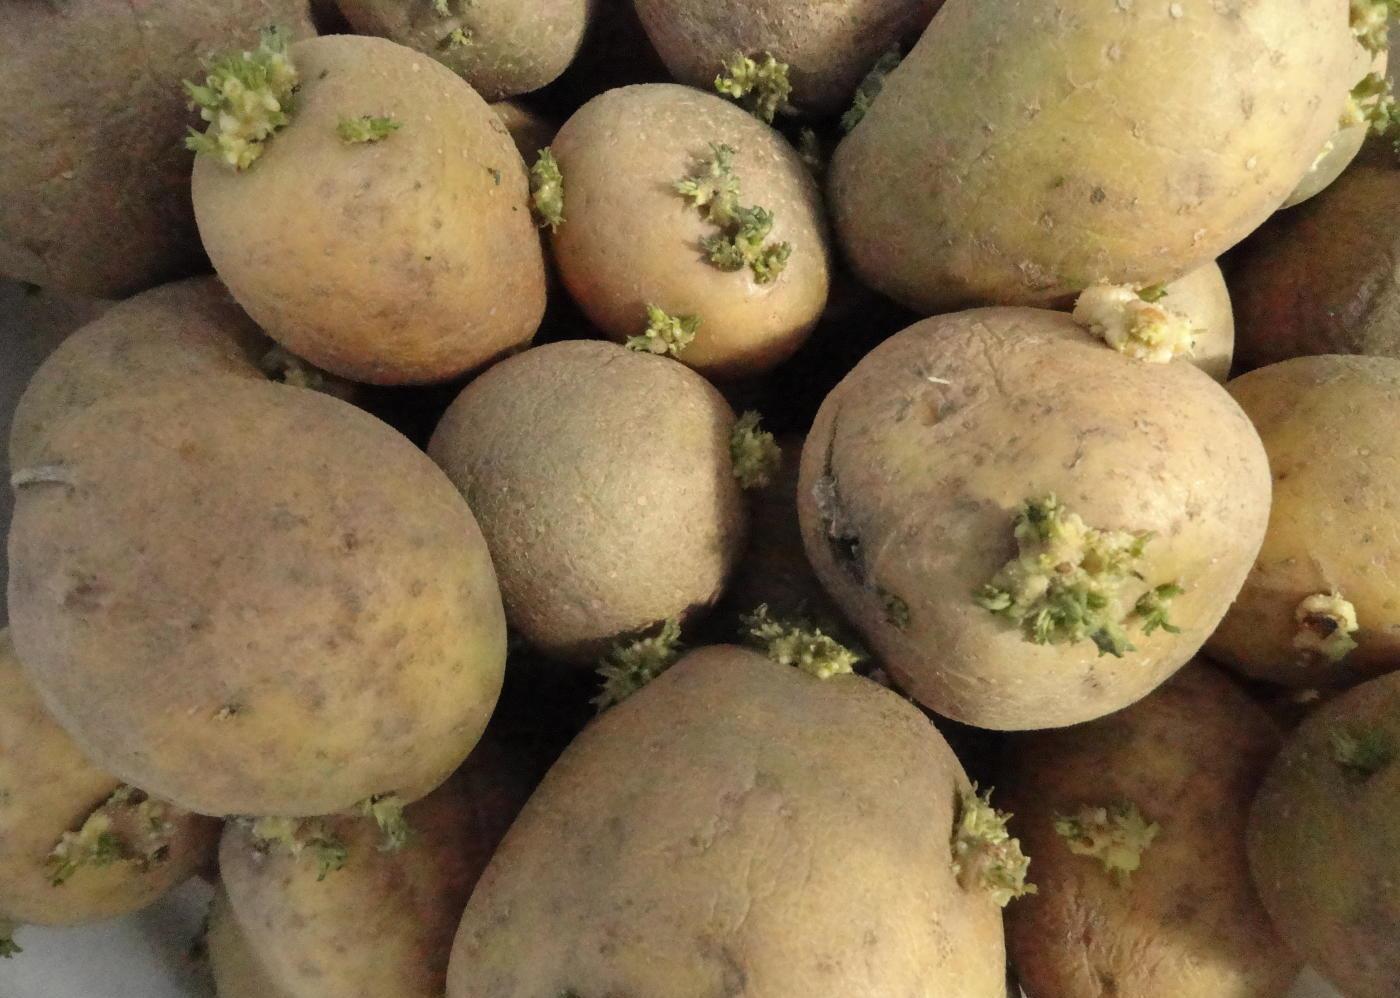 Гала – картофель с пониженным содержанием крахмала, пригодный для диетического питания